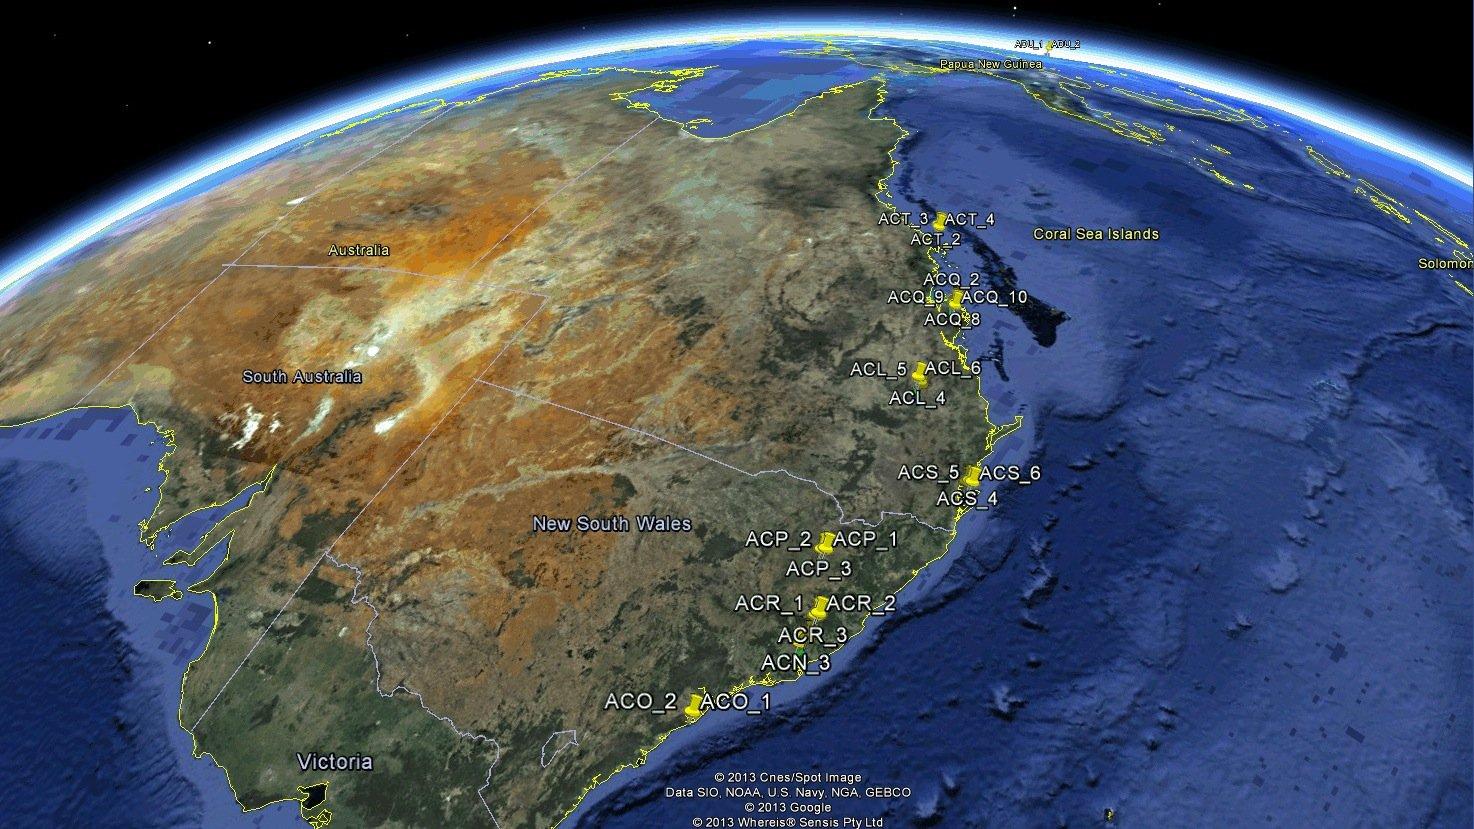 Über 100 Flugzeuge konnten die Wissenschaftler des Deutschen Zentrums für Luft- und Raumfahrt (DLR) beim ersten Überflug über die Britischen Inseln, Ostasien und Australien mit einem ADS-B-Empfänger orten, der an Bord des Satelliten PROBA-V mitfliegt.Auch die Kennung der Flugzeuge, das